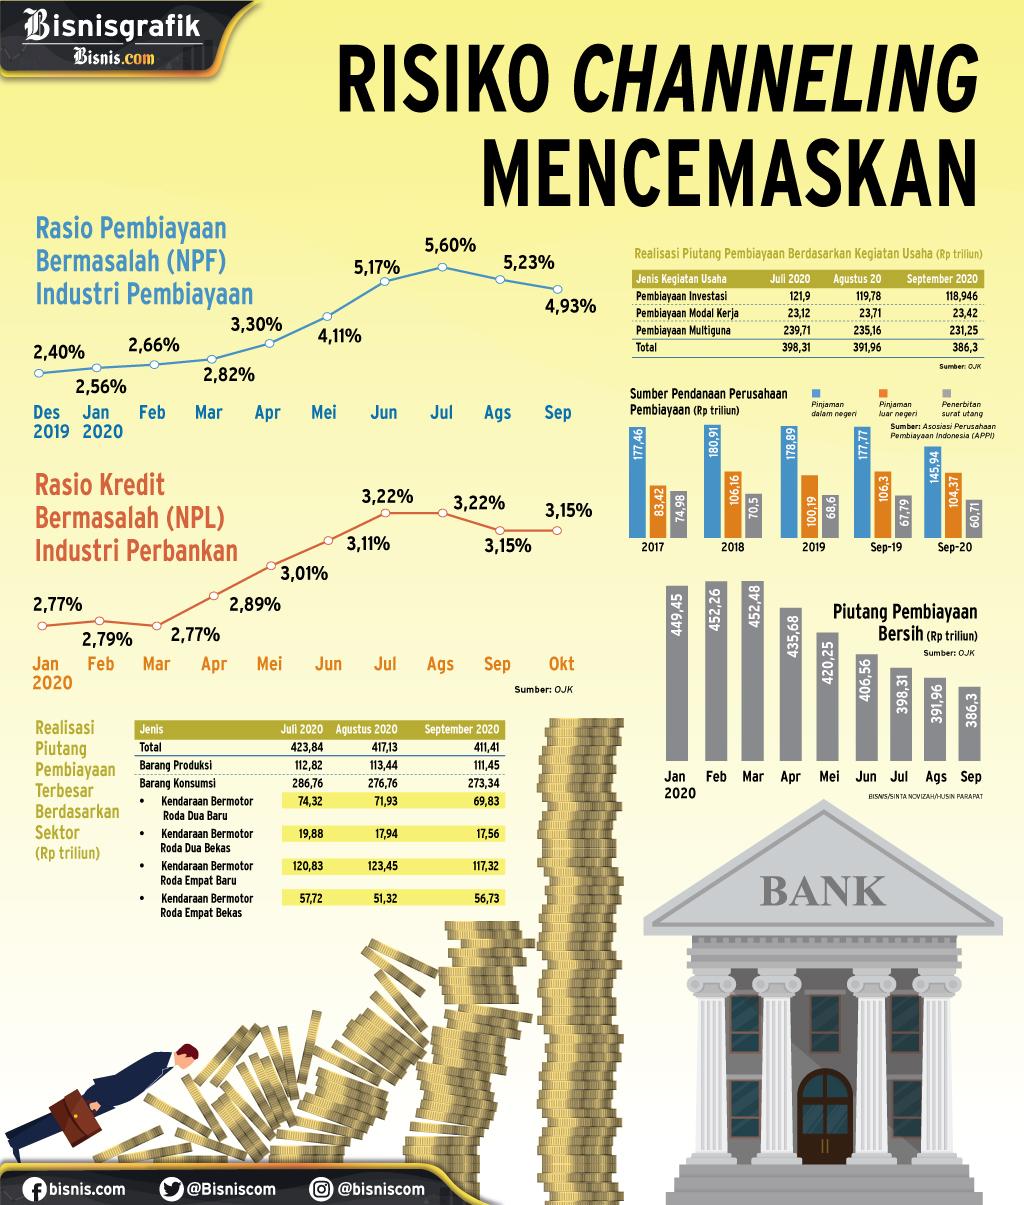 KREDIT BANK PADA MULTIFINANCE : Risiko Channeling Mencemaskan